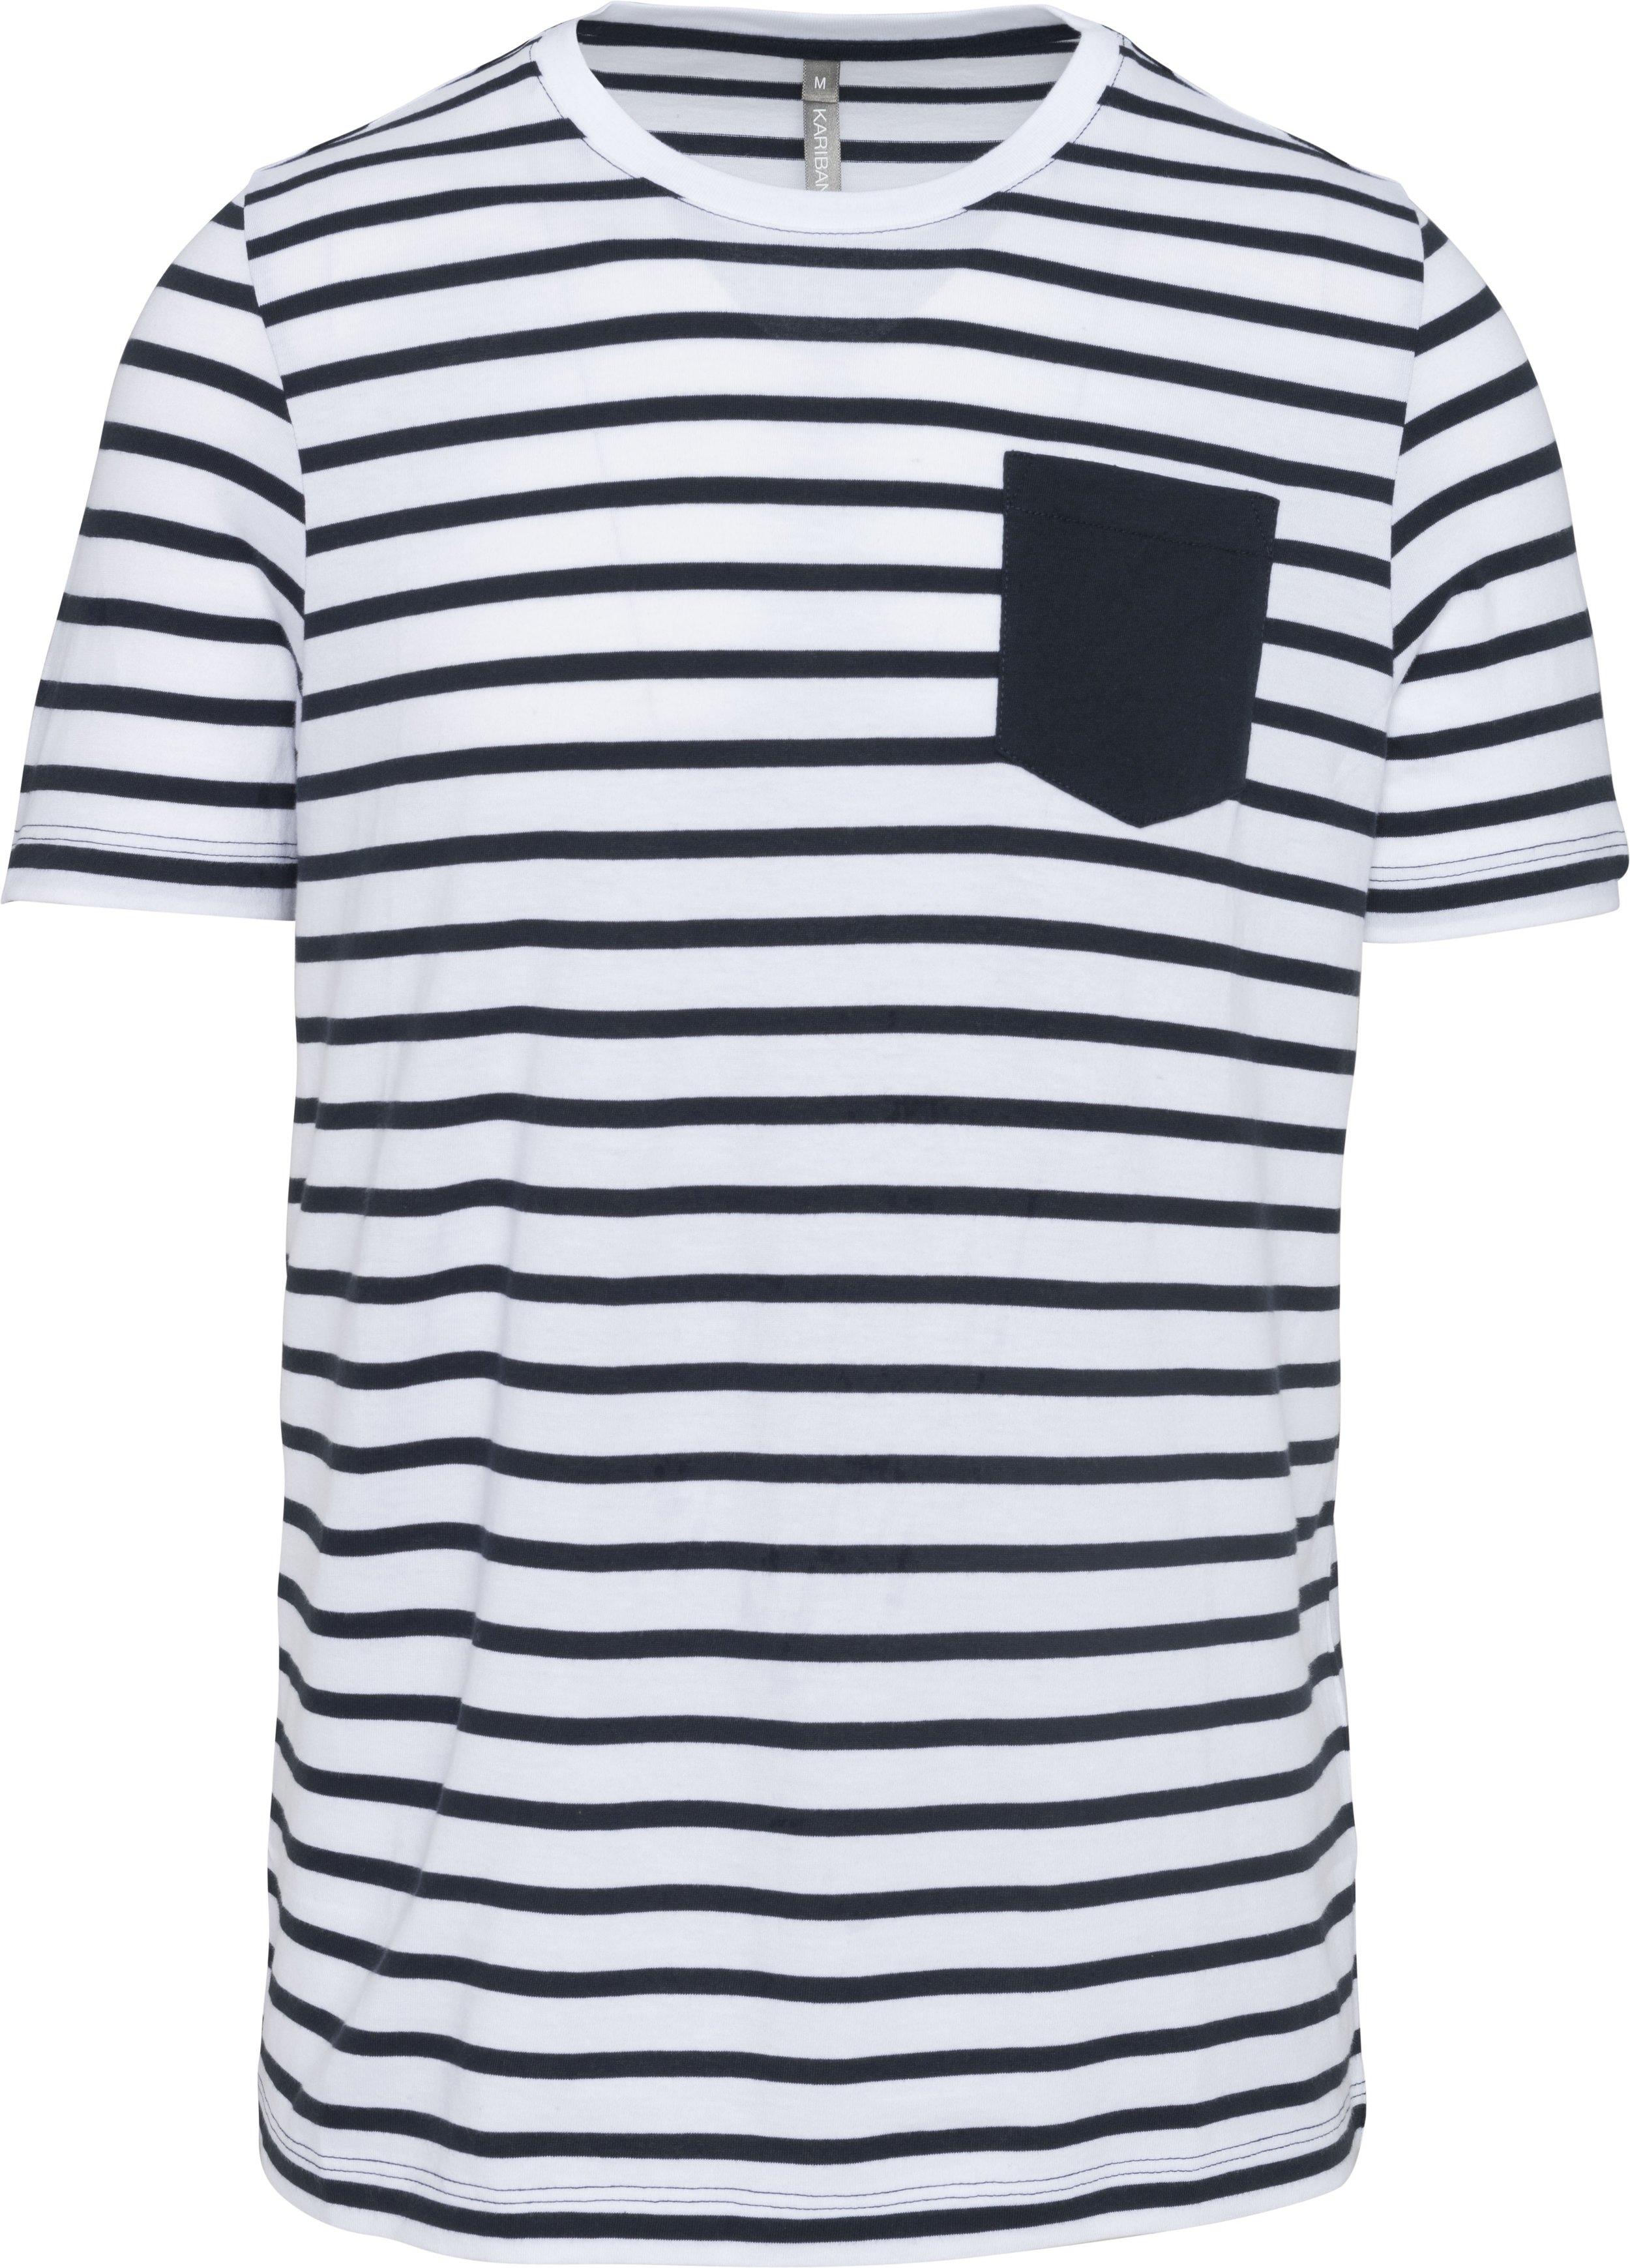 T-shirt às riscas estilo marinheiro de manga curta com bolso